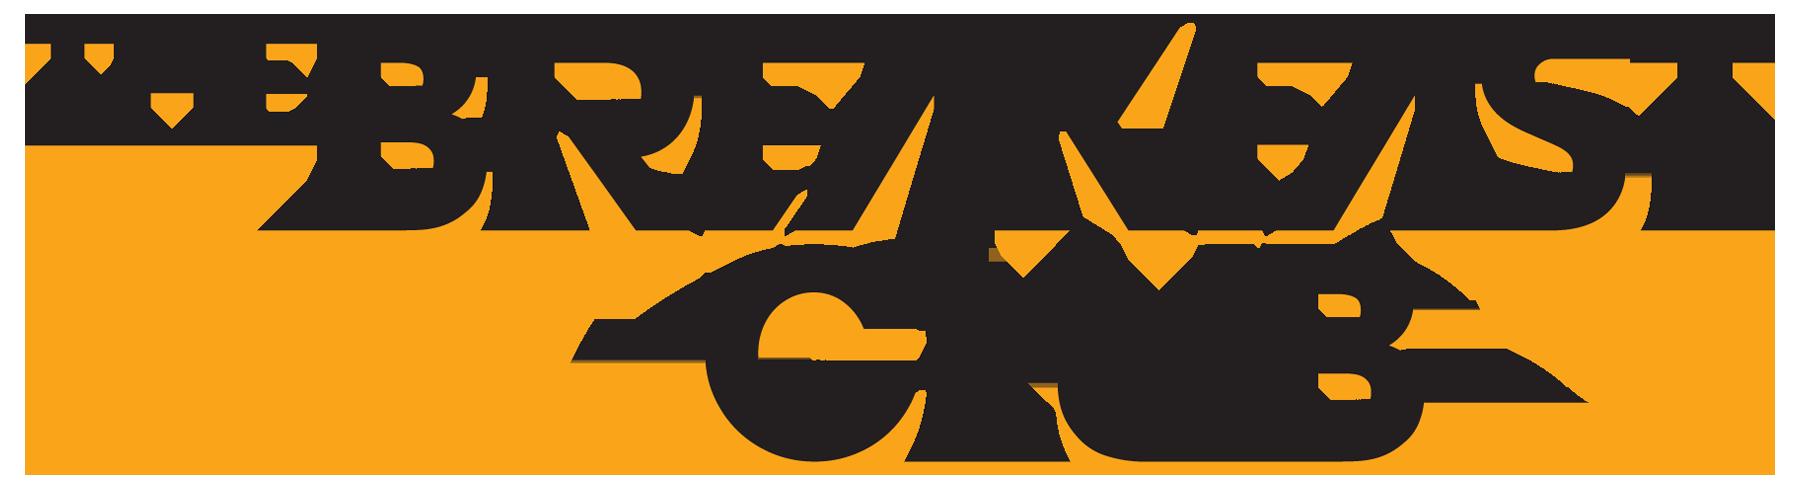 BreakfastClub_logo.png